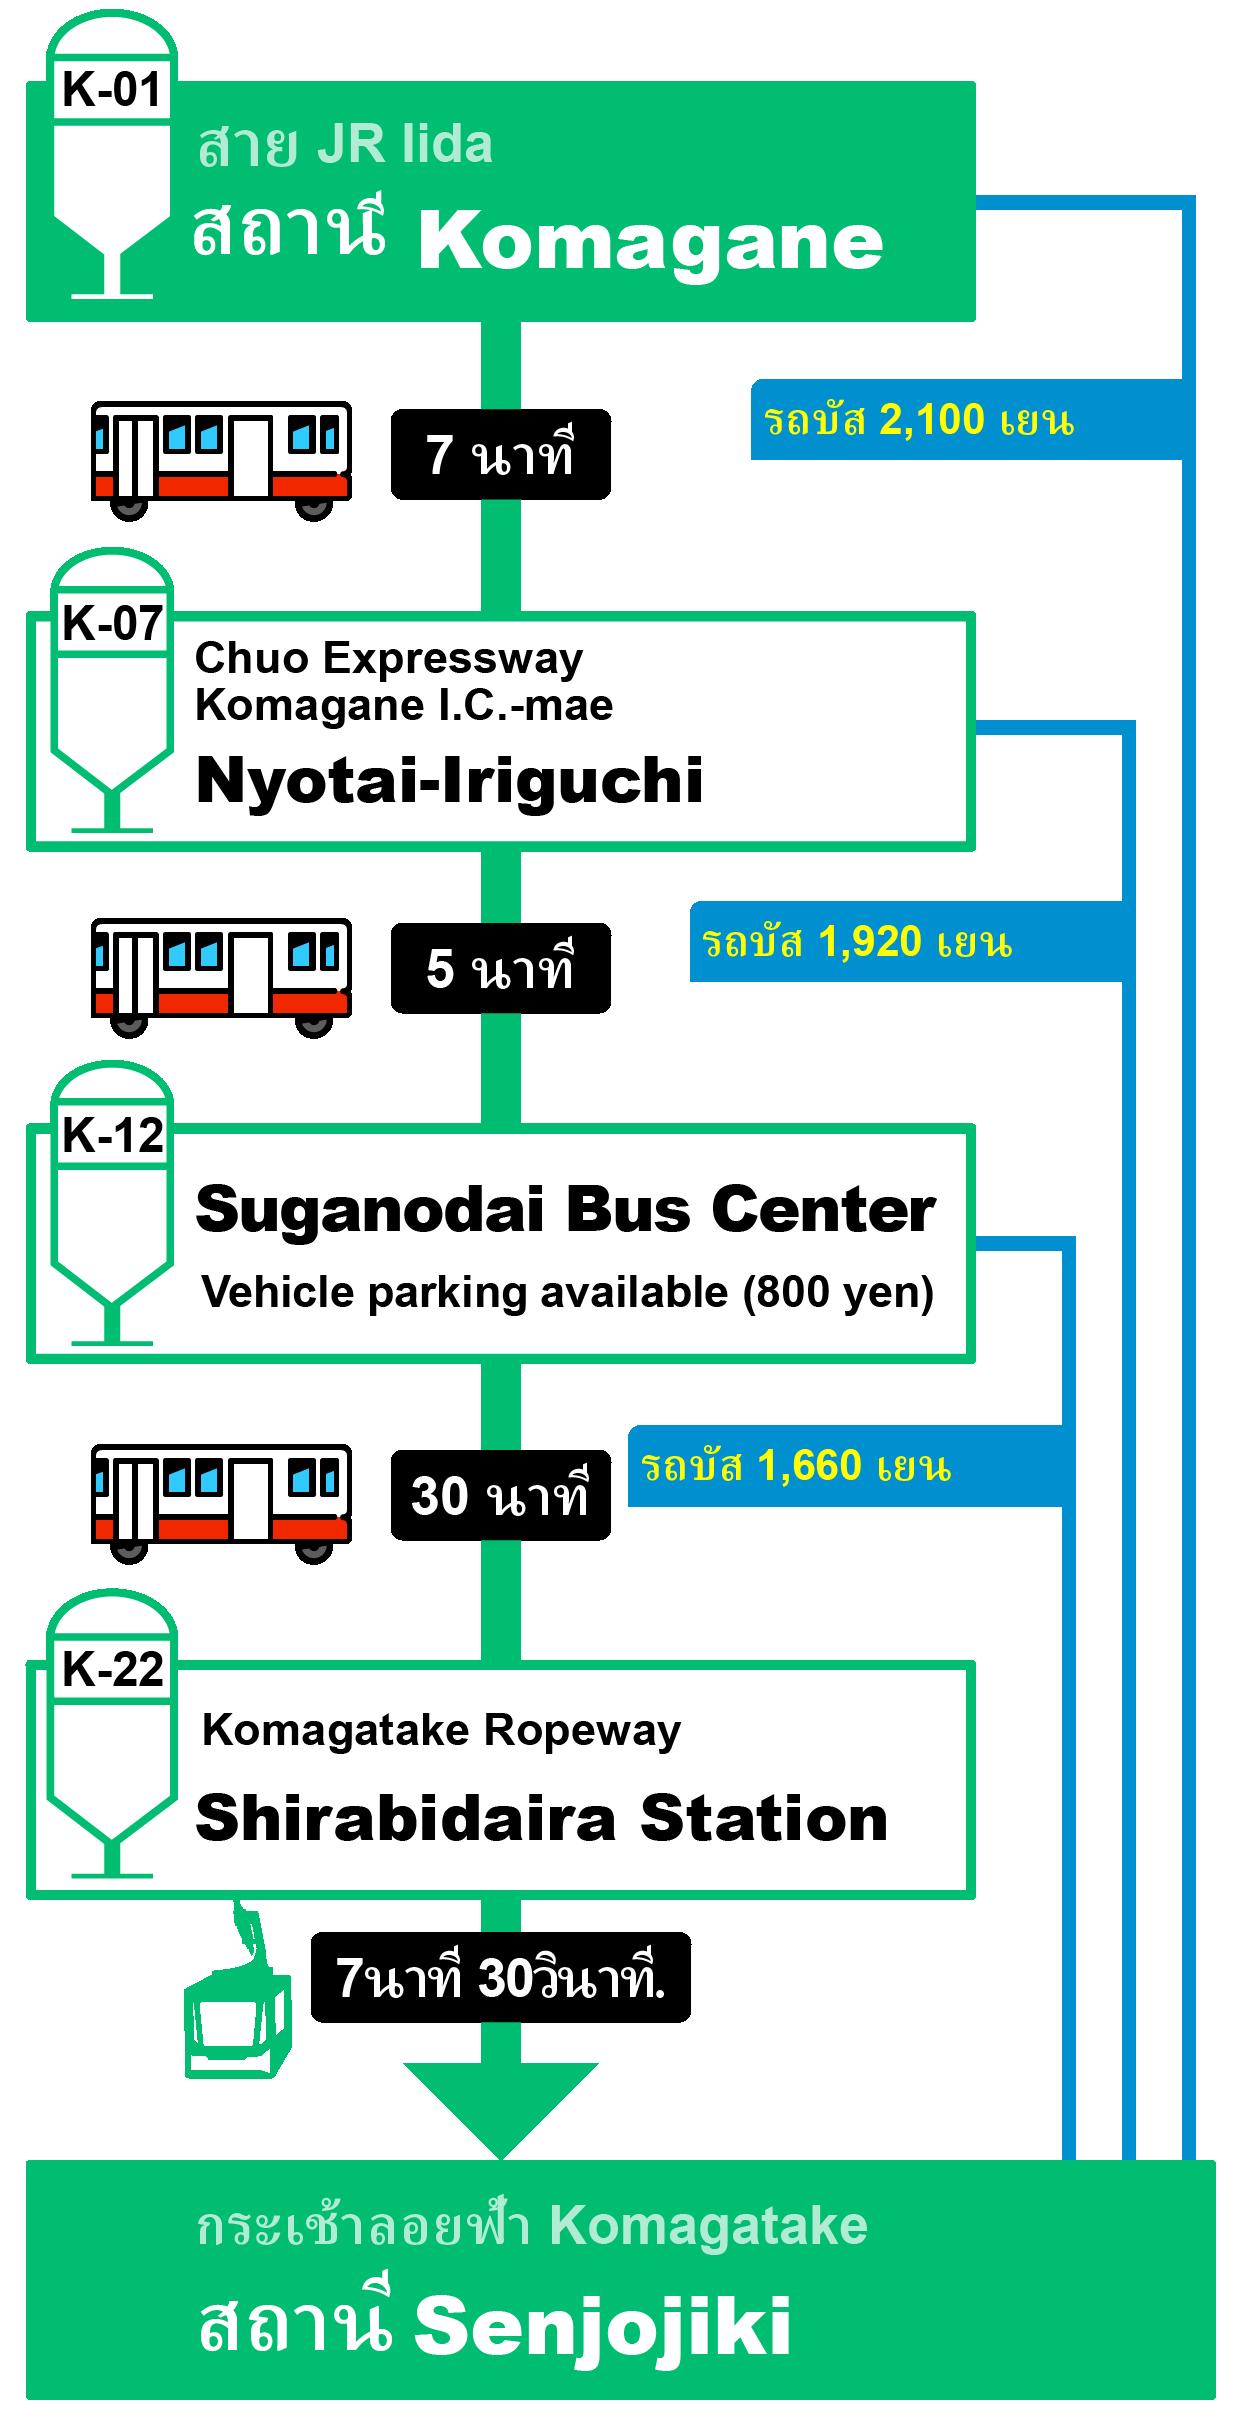 access_localbus_th_201910